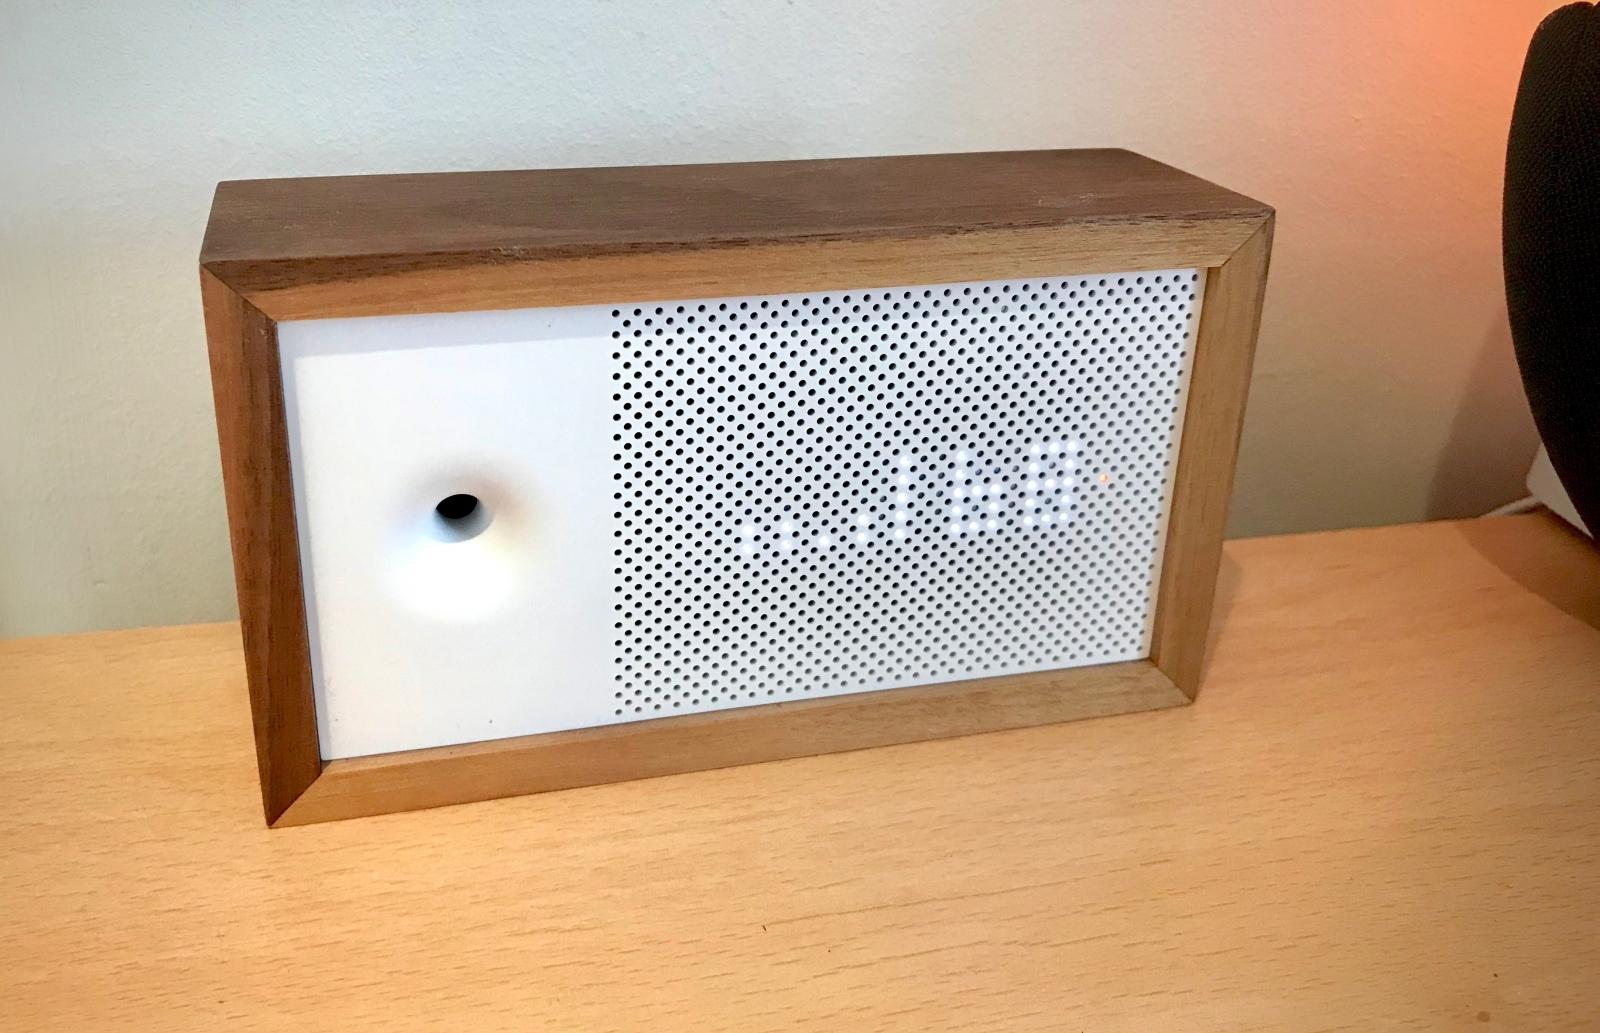 Awair air quality monitor